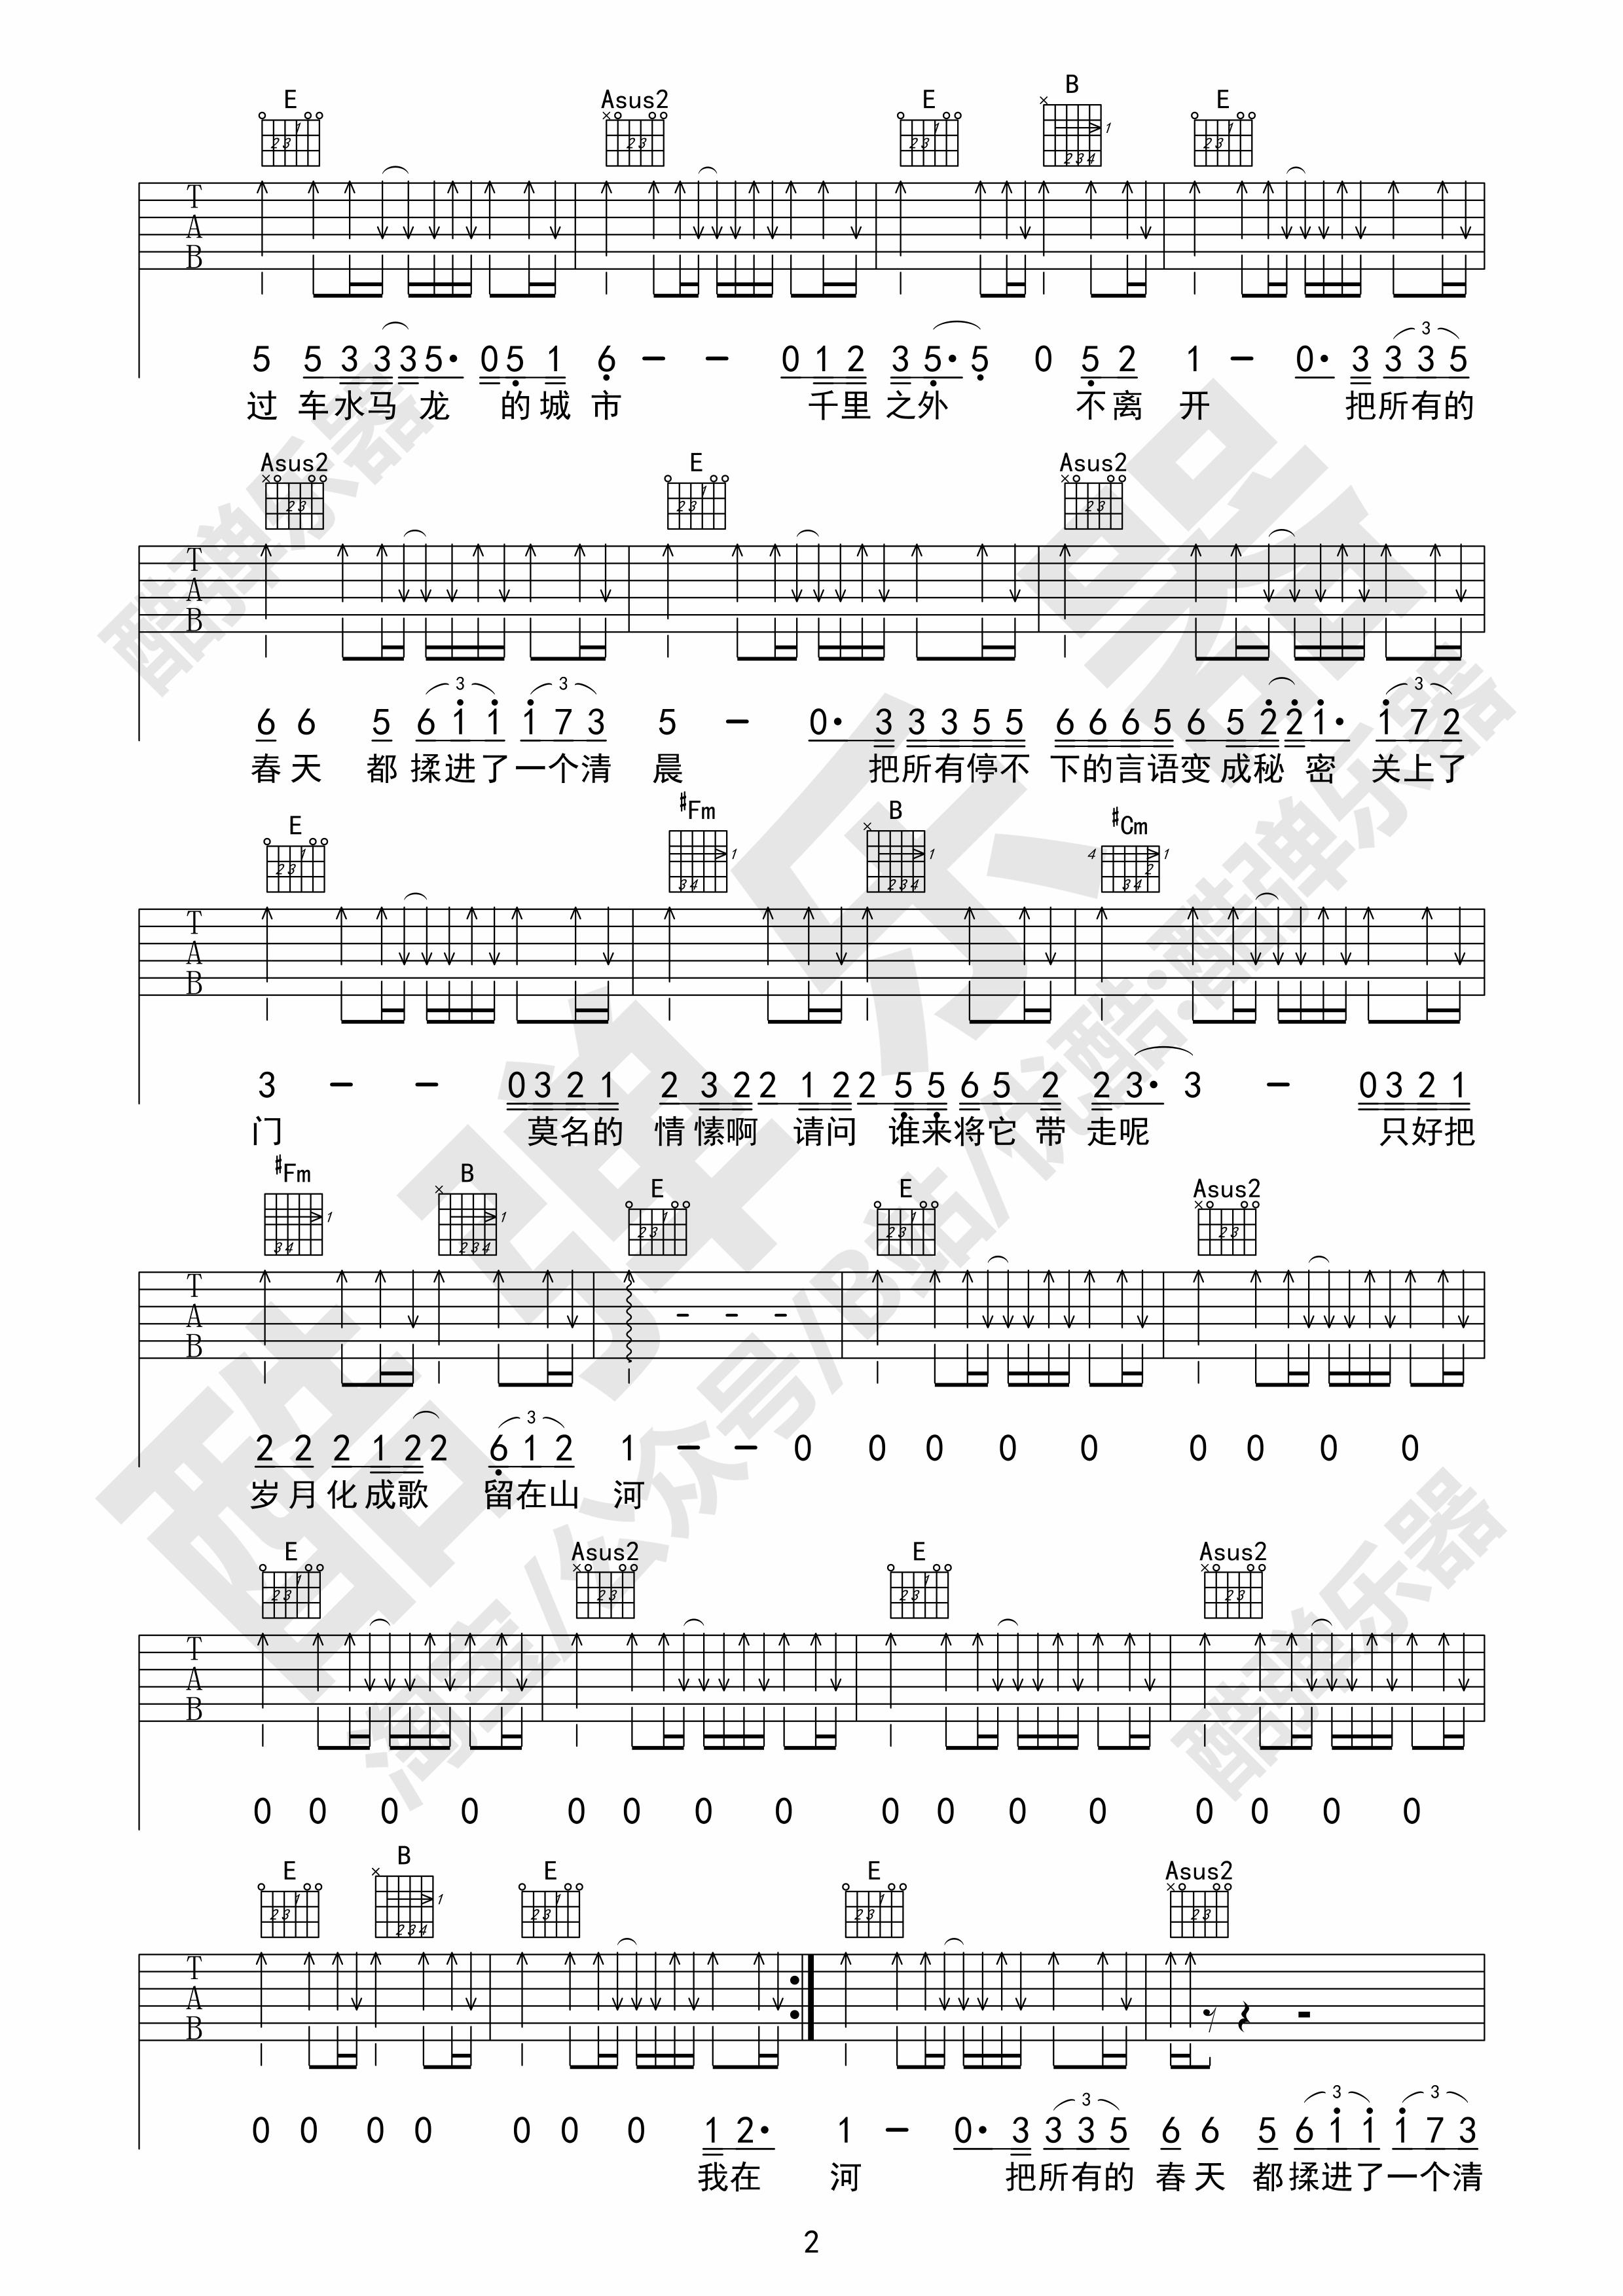 吉他派《春风十里》吉他谱酷弹版-2